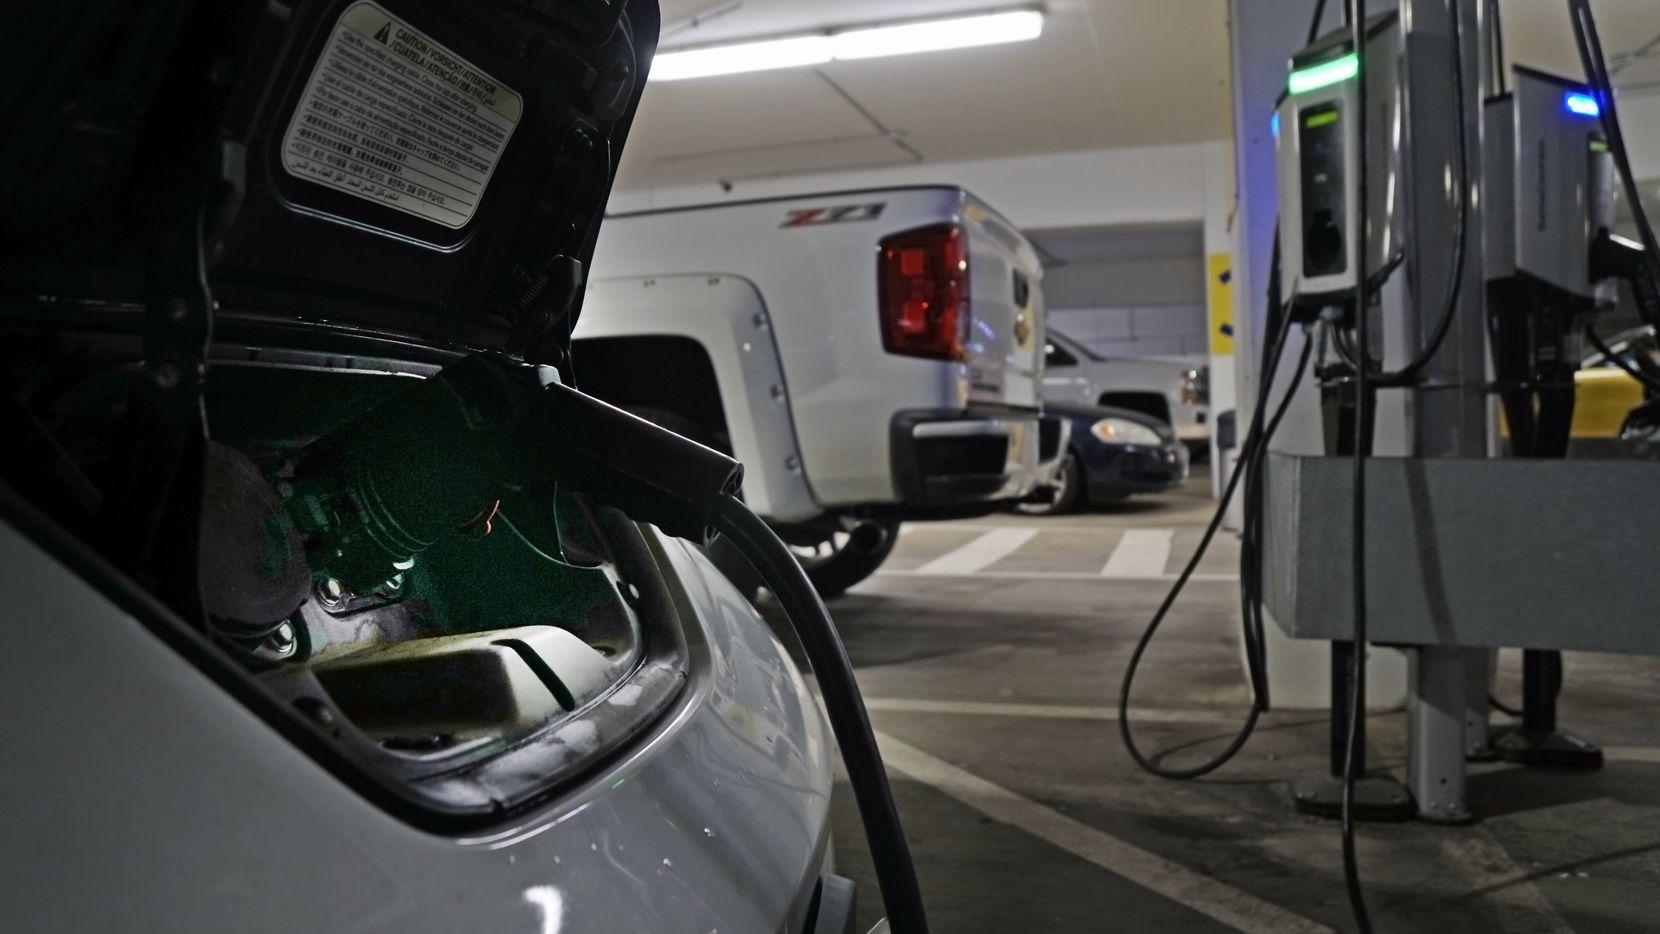 En la terminal E del Aeropuerto DFW ya hay recargadores eléctricos. En Dallas varias tiendas 7-Eleven contarán con recargadores para vehículos eléctricos.